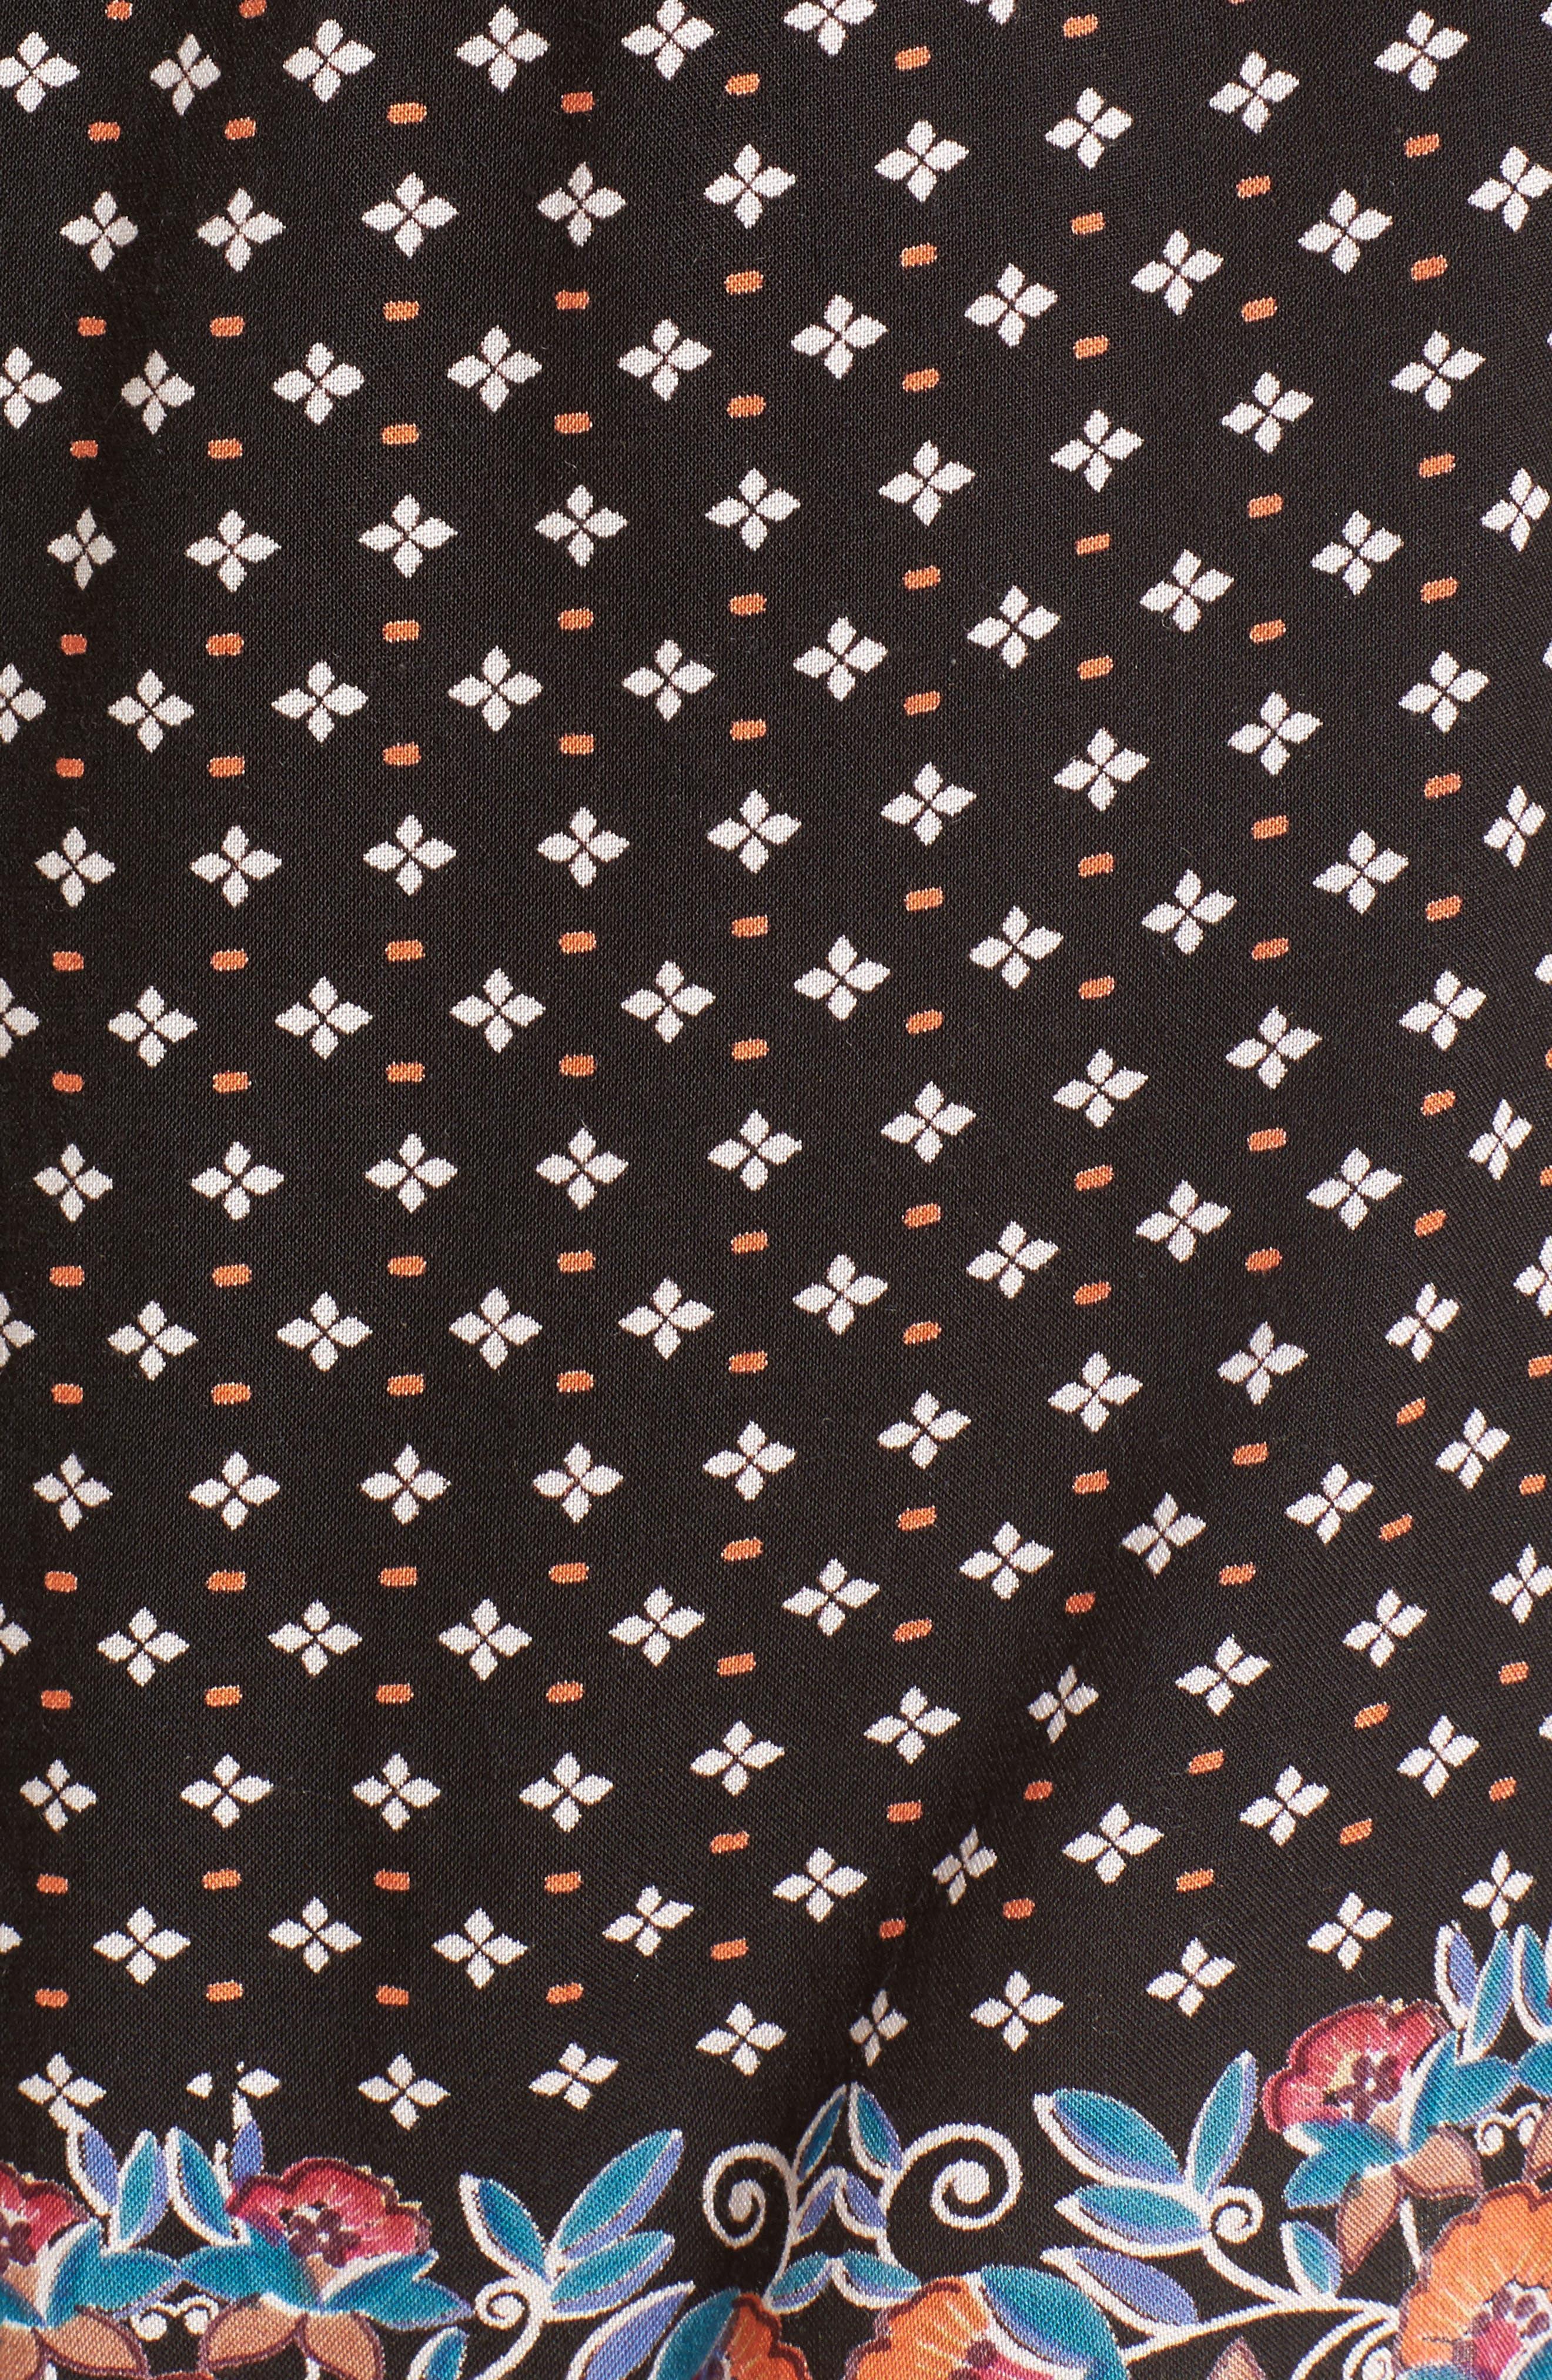 Crisscross Neckline Romper,                             Alternate thumbnail 5, color,                             Black